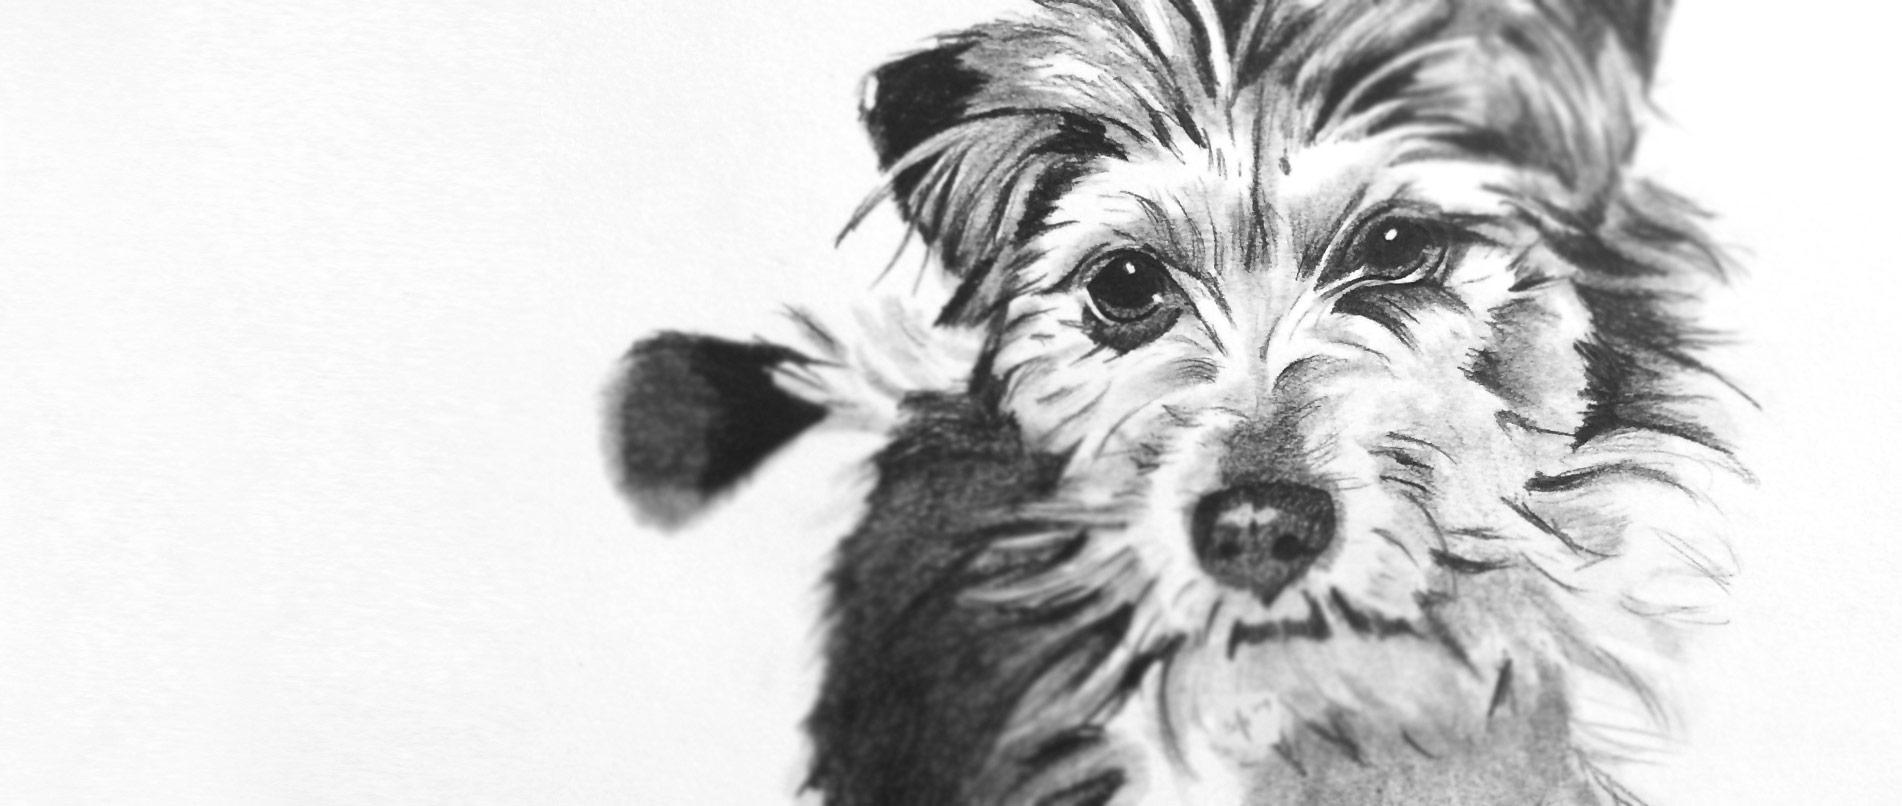 Tierfoto zeichnen lassen